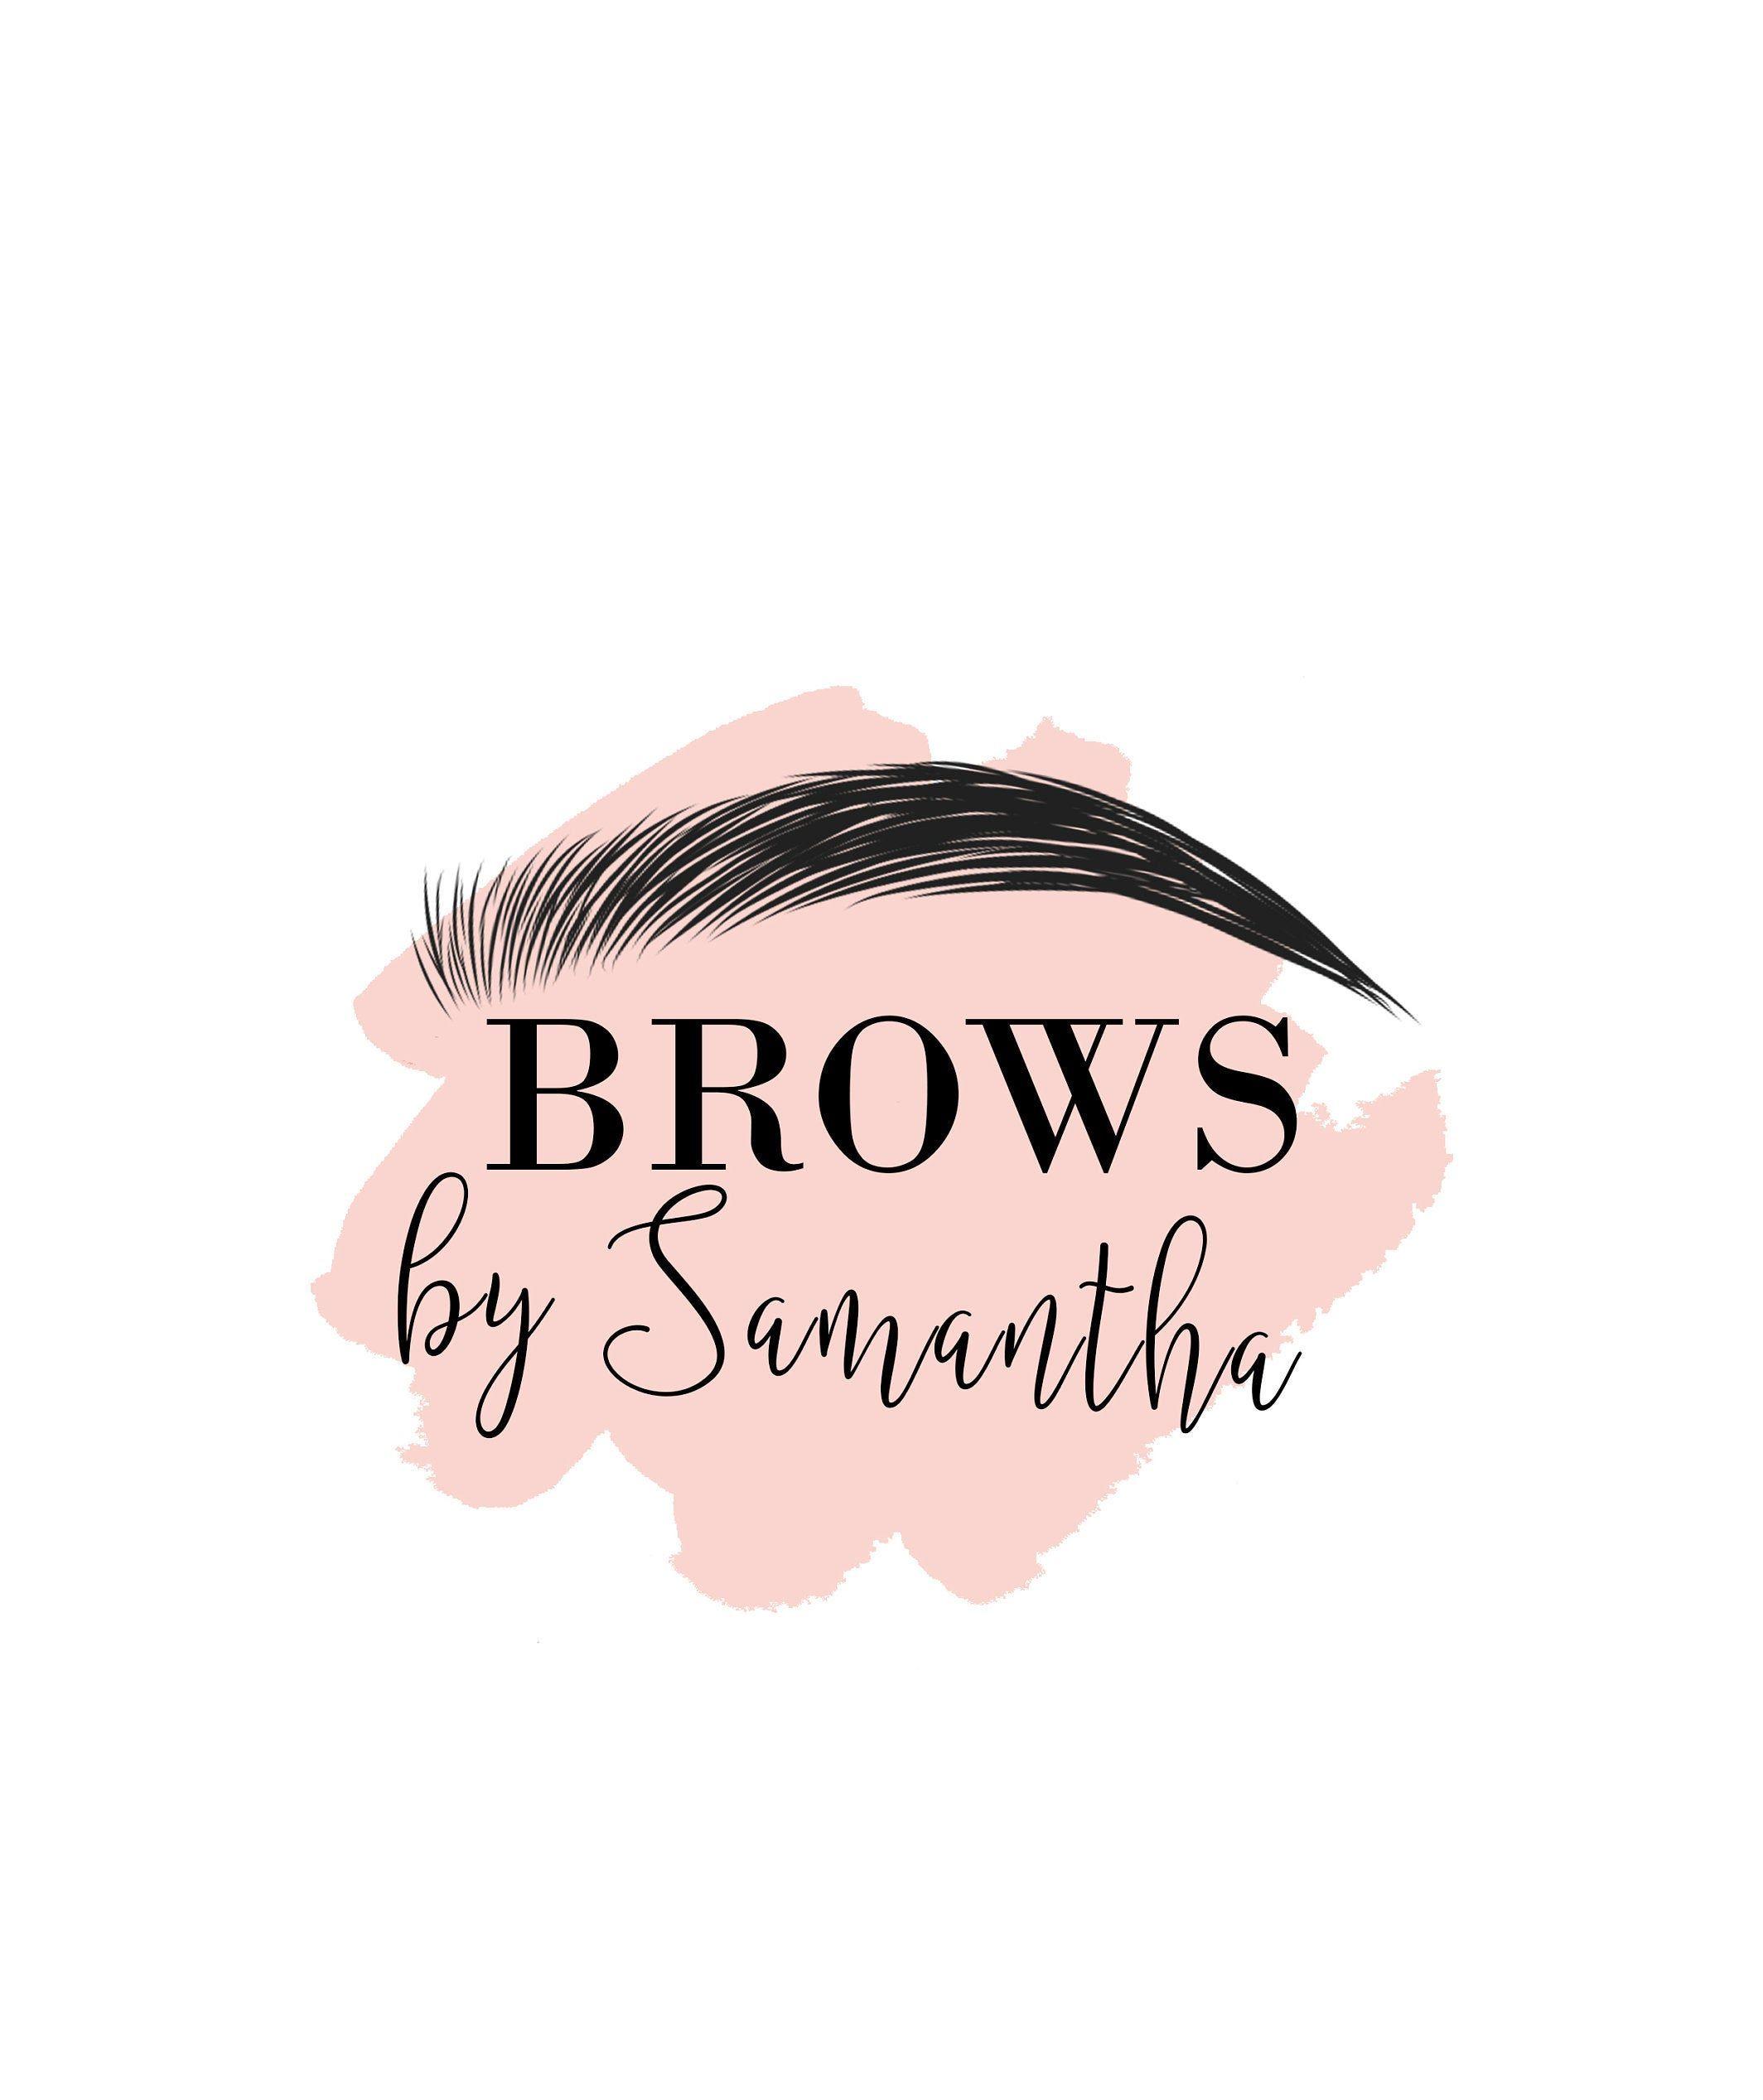 Brows Logo Microblading Logo Eyebrows Logo Beauty Salon Logo Makeup Logo Design Beauty Salon Logo Salon Logo Makeup Logo